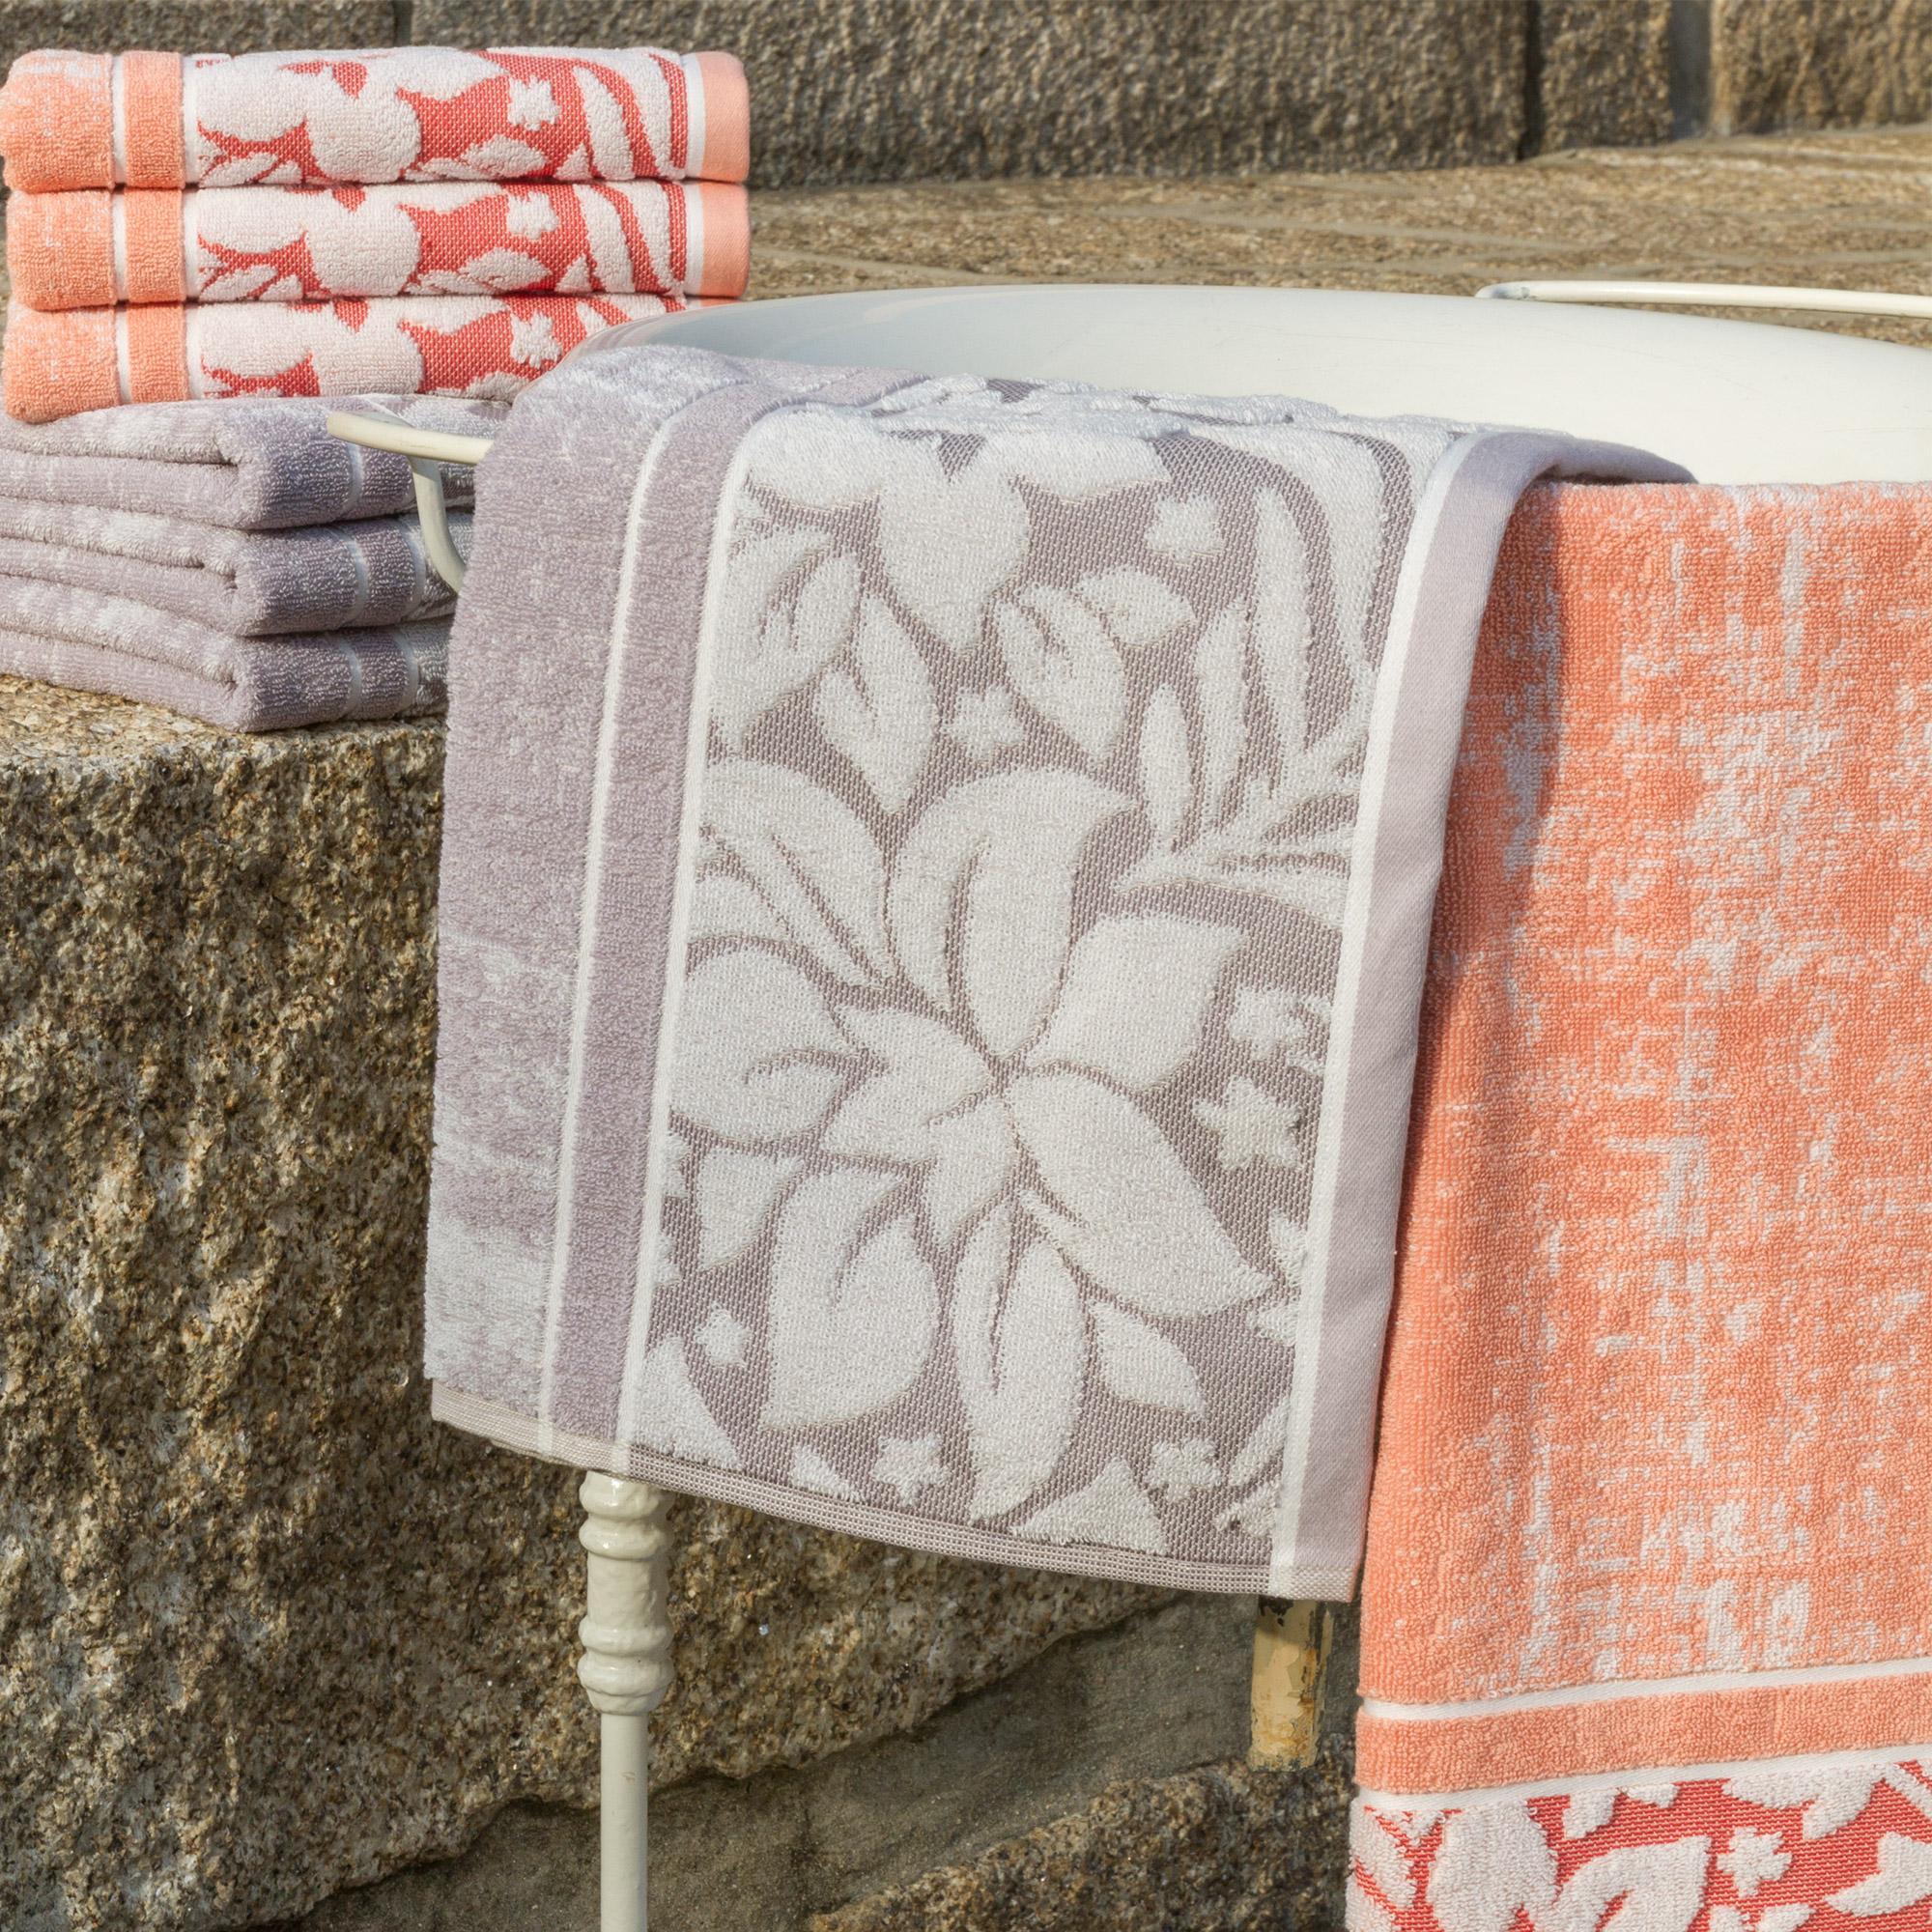 serviette de toilette 50x100 100 coton 500g m2 tosca classique orange ebay. Black Bedroom Furniture Sets. Home Design Ideas